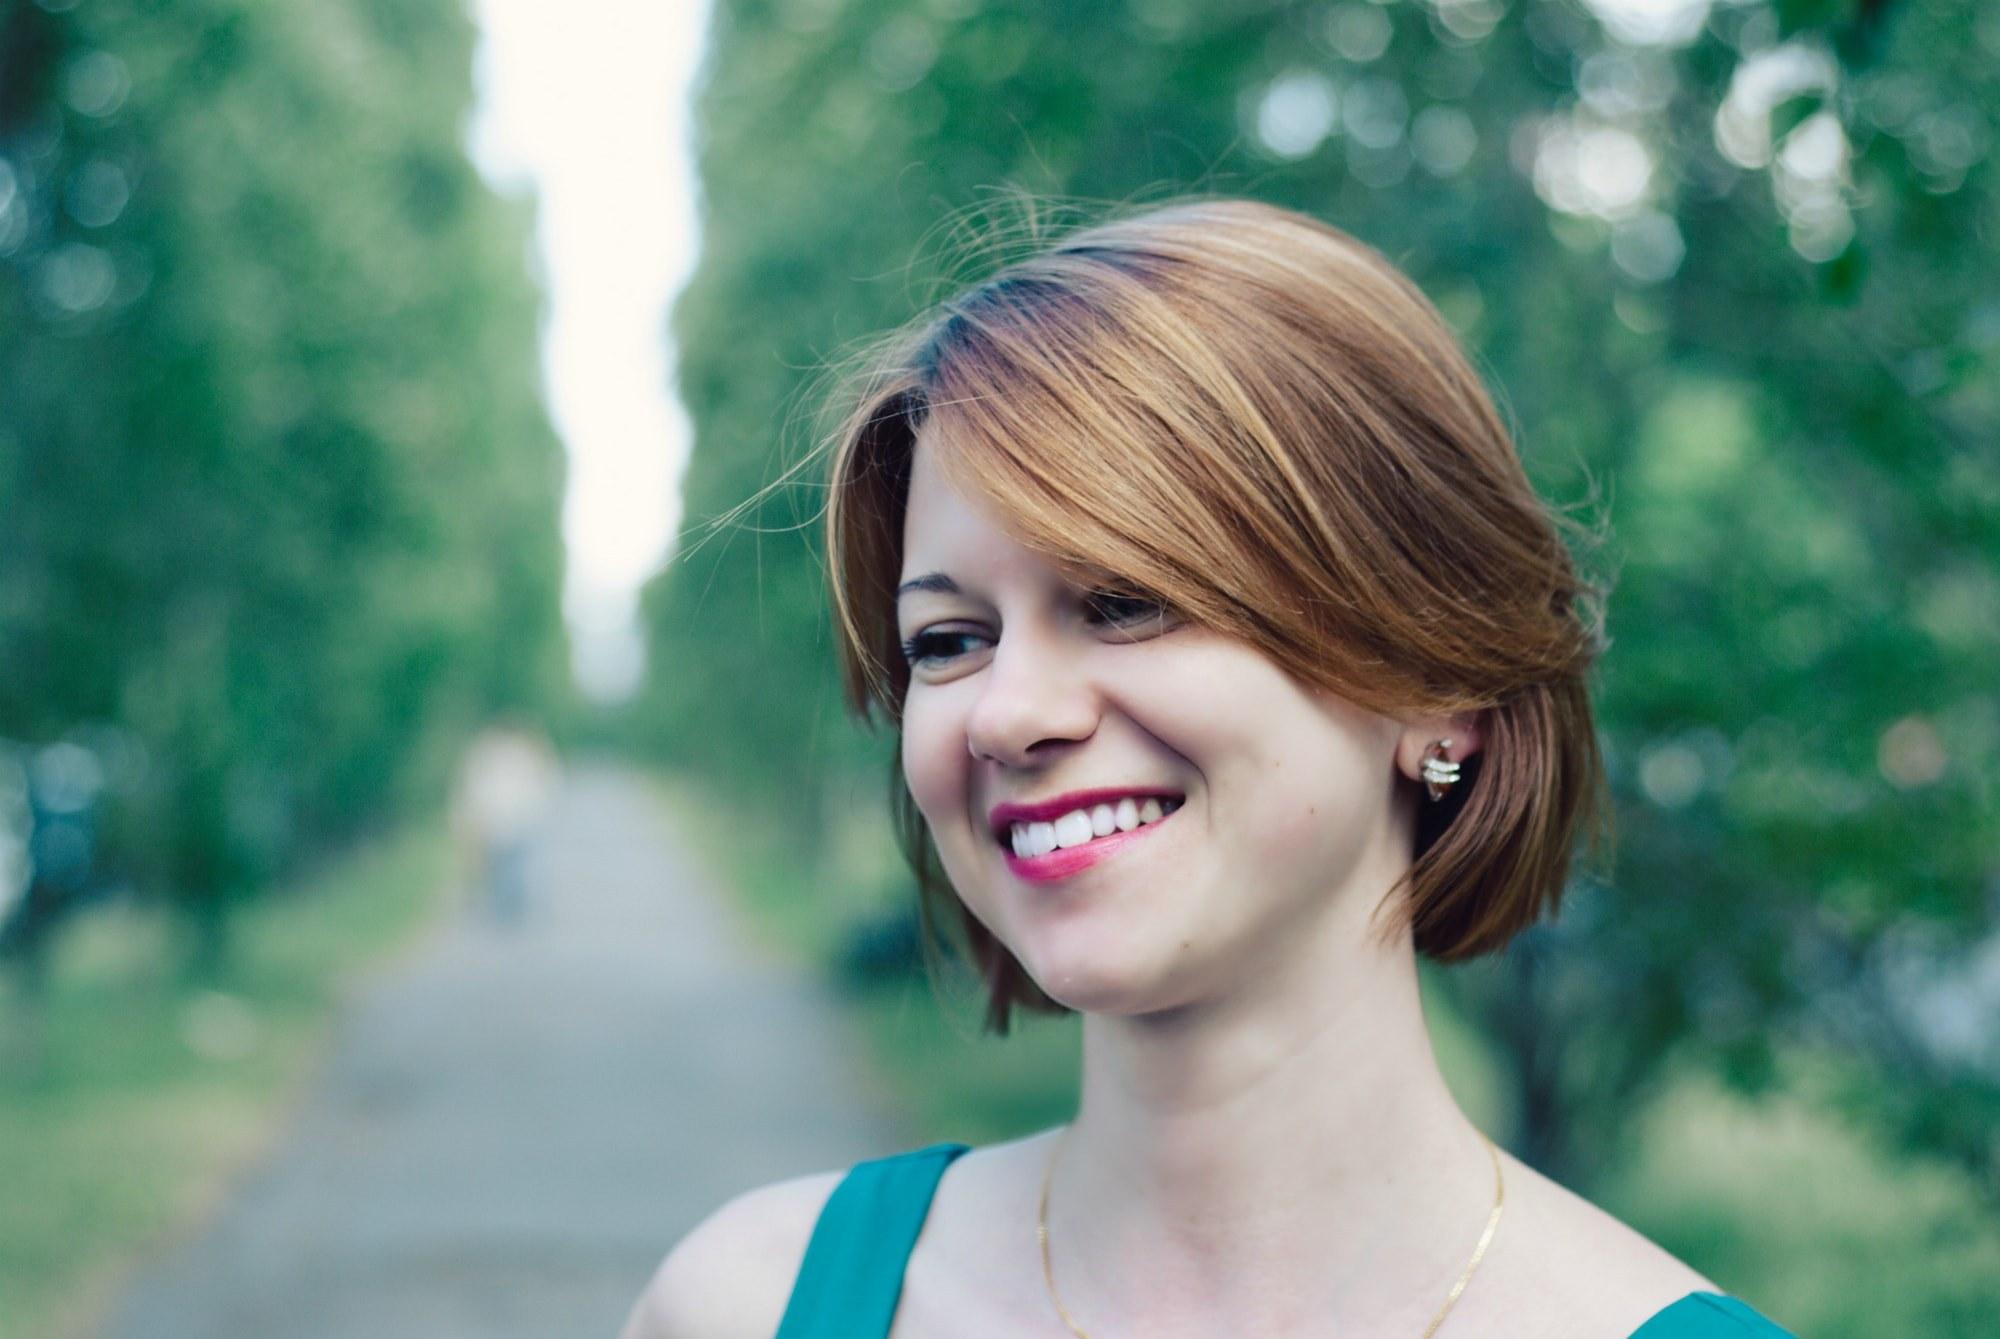 Фотография мечтательной девушки - Фотограф Киев - Женя Лайт